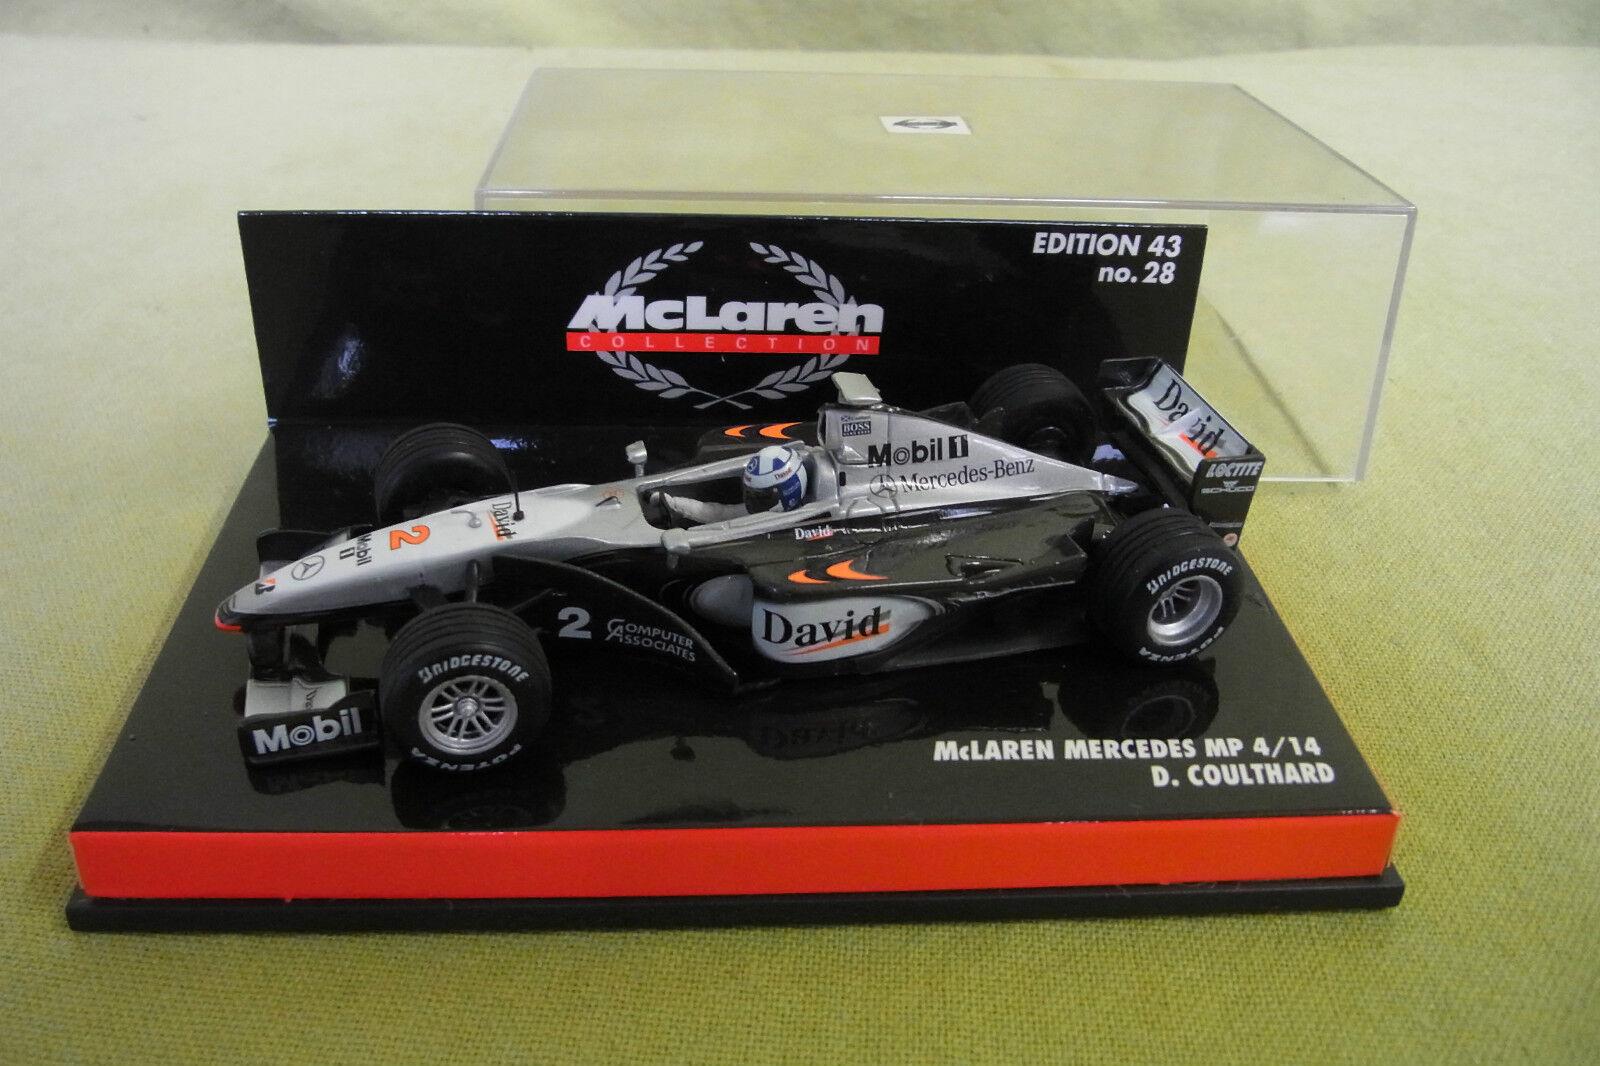 Minichamps - McLaren Collection - Mercedes MP4-14 - D. Coulthard- Edt. 43 Nr. 28